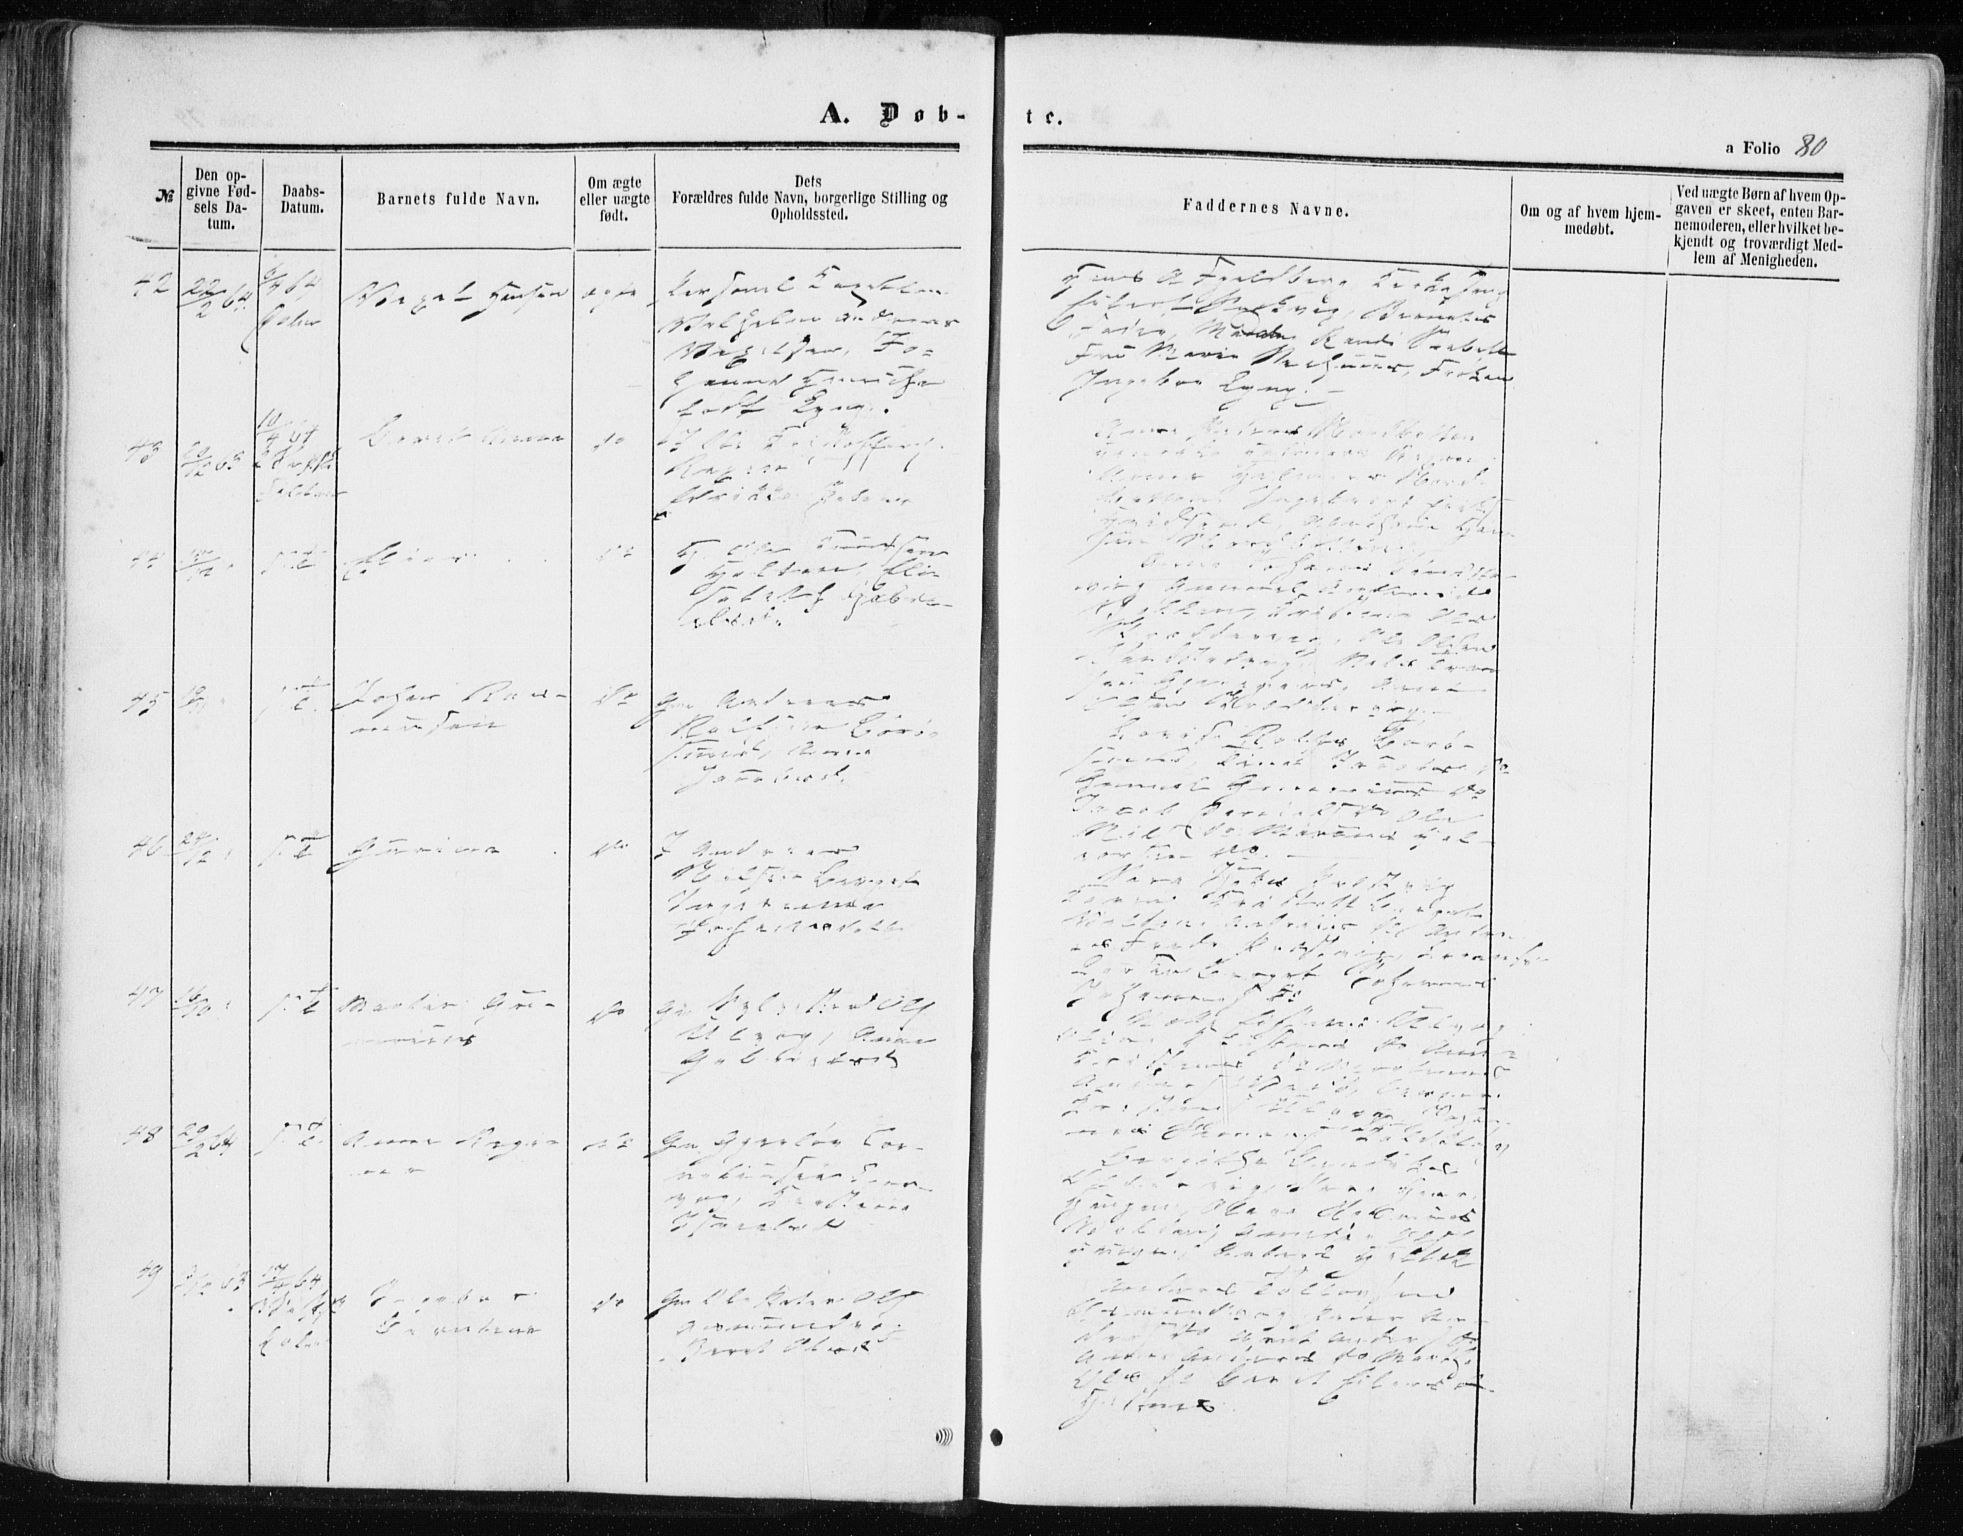 SAT, Ministerialprotokoller, klokkerbøker og fødselsregistre - Sør-Trøndelag, 634/L0531: Ministerialbok nr. 634A07, 1861-1870, s. 80